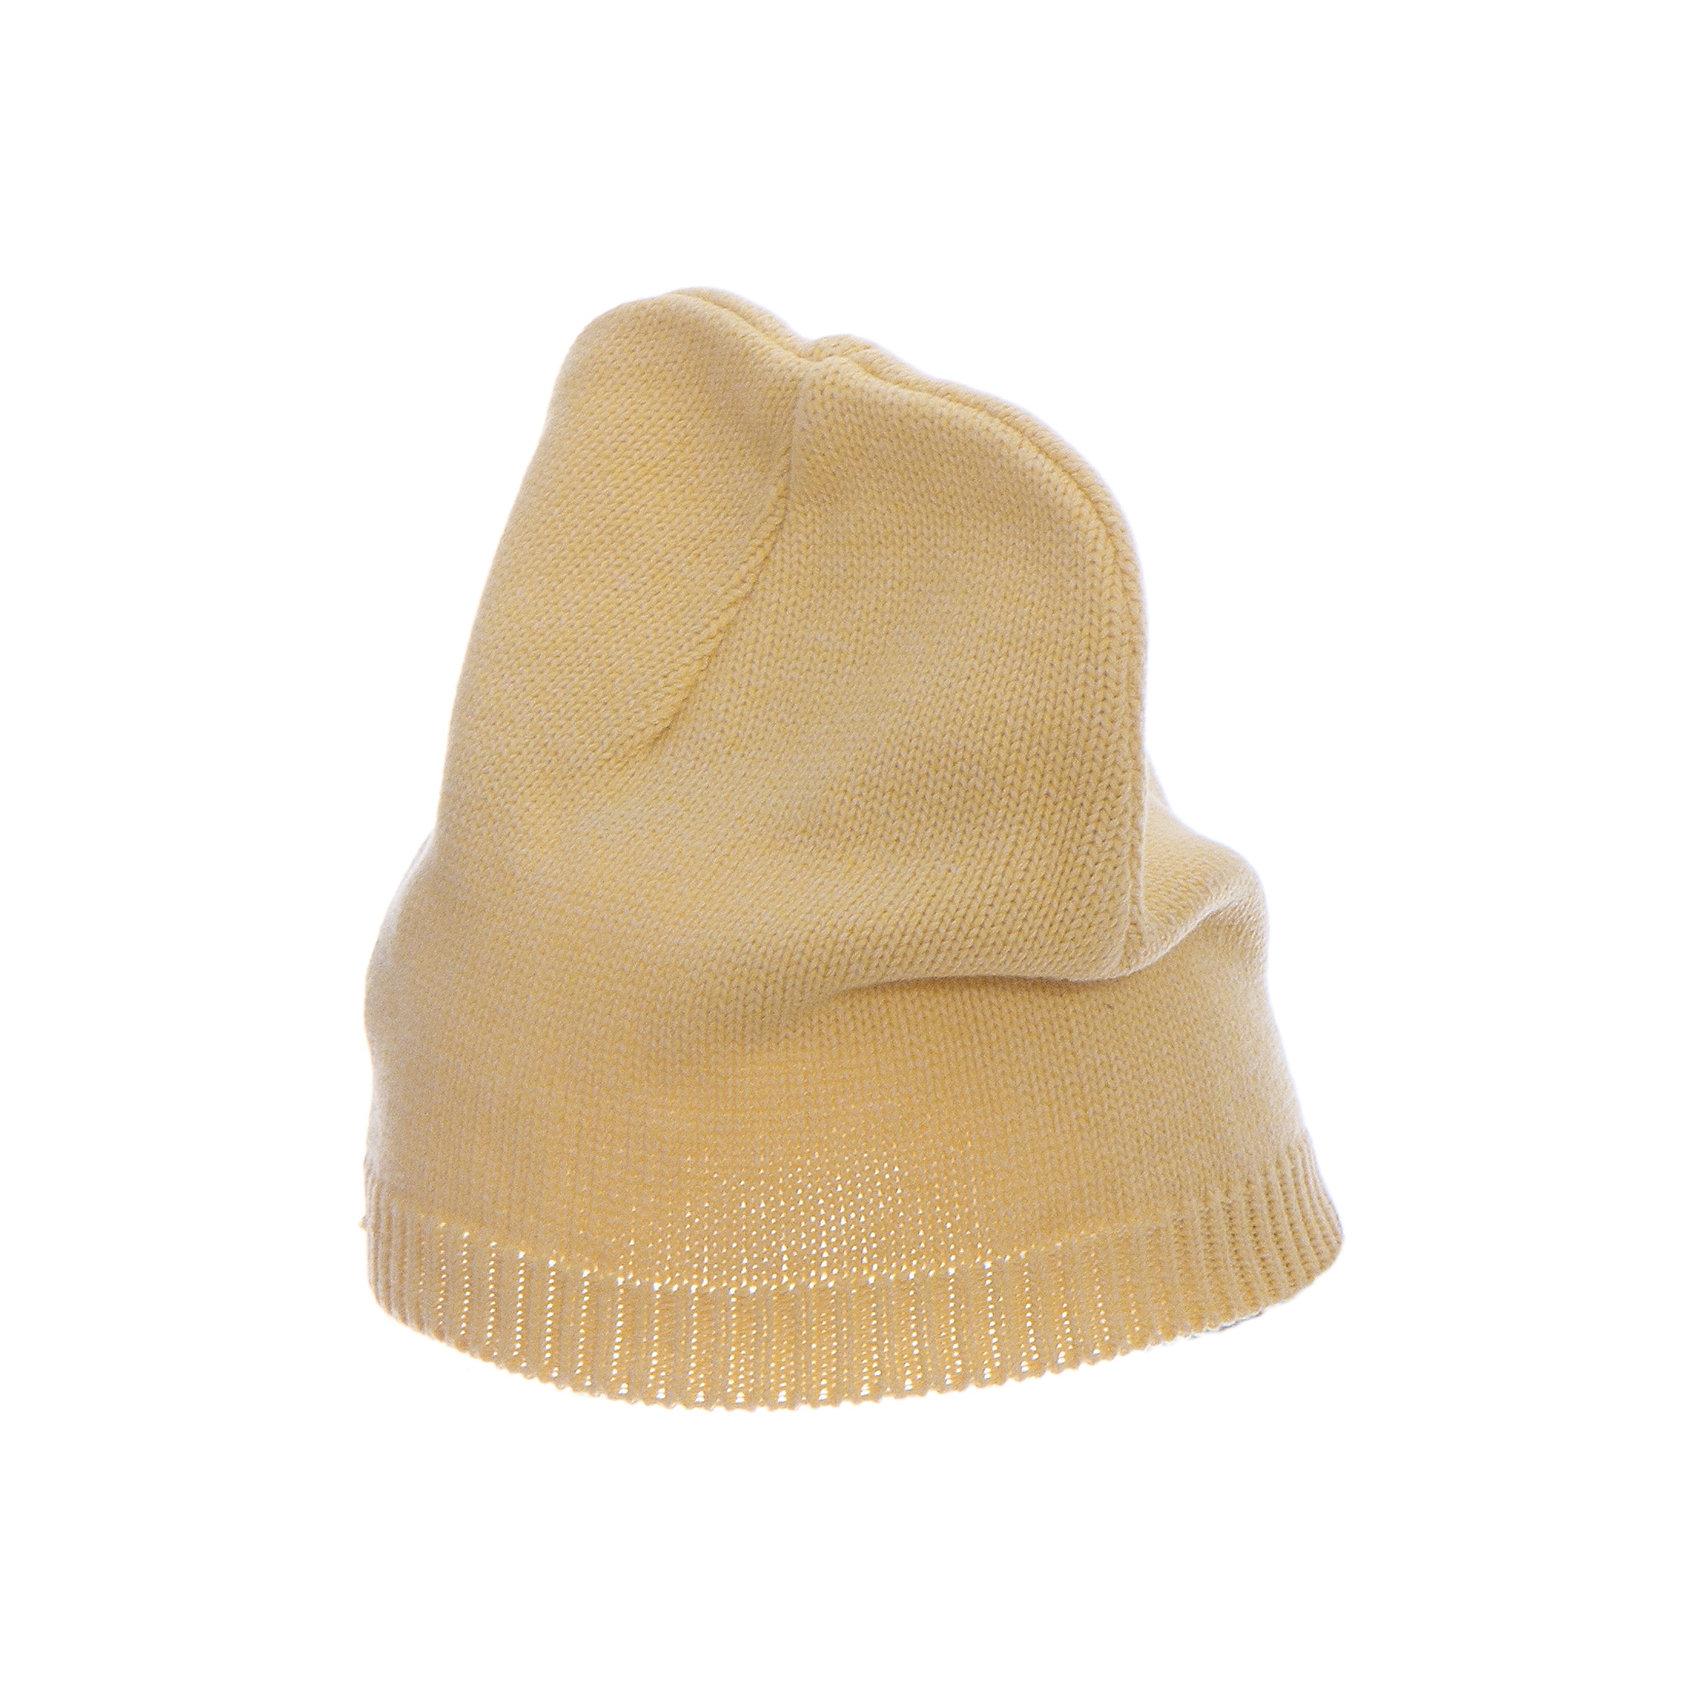 Шапка  BUTTON BLUEГоловные уборы<br>Шапка  BUTTON BLUE<br>Вязаные шапки - важный атрибут повседневного гардероба! Они отлично согревают, а также украшают и завершают весенний комплект. У них один недостаток: они часто теряются. Шапки забывают в парке, в школе, в детском саду, поэтому их в гардеробе должно быть много, а значит, шапки надо покупать по доступной цене. Купить недорого шапку для девочки от Button Blue, значит, позаботиться о здоровье, красоте и комфорте ребенка.<br>Состав:<br>100%  хлопок<br><br>Ширина мм: 89<br>Глубина мм: 117<br>Высота мм: 44<br>Вес г: 155<br>Цвет: желтый<br>Возраст от месяцев: 96<br>Возраст до месяцев: 108<br>Пол: Унисекс<br>Возраст: Детский<br>Размер: 56,50,52,54<br>SKU: 5523963